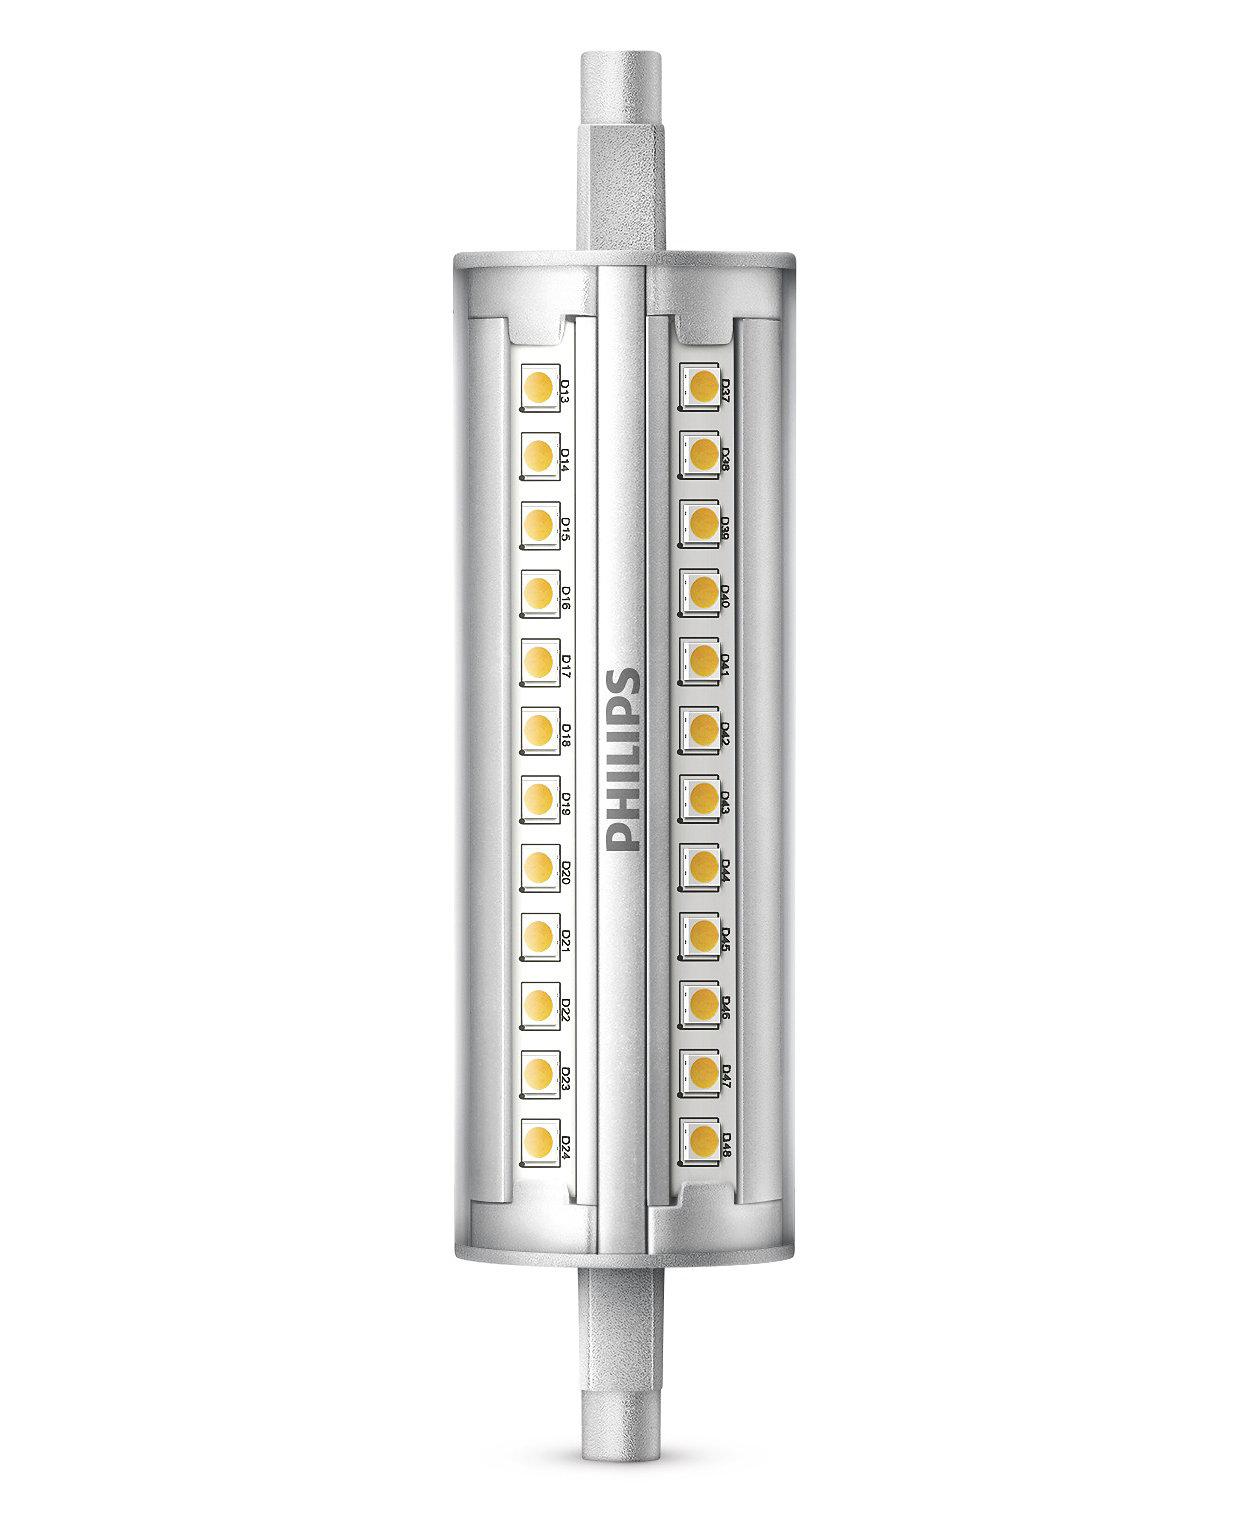 Lumină LED liniară cu putere reglabilă, fascicul cu unghi de 300°